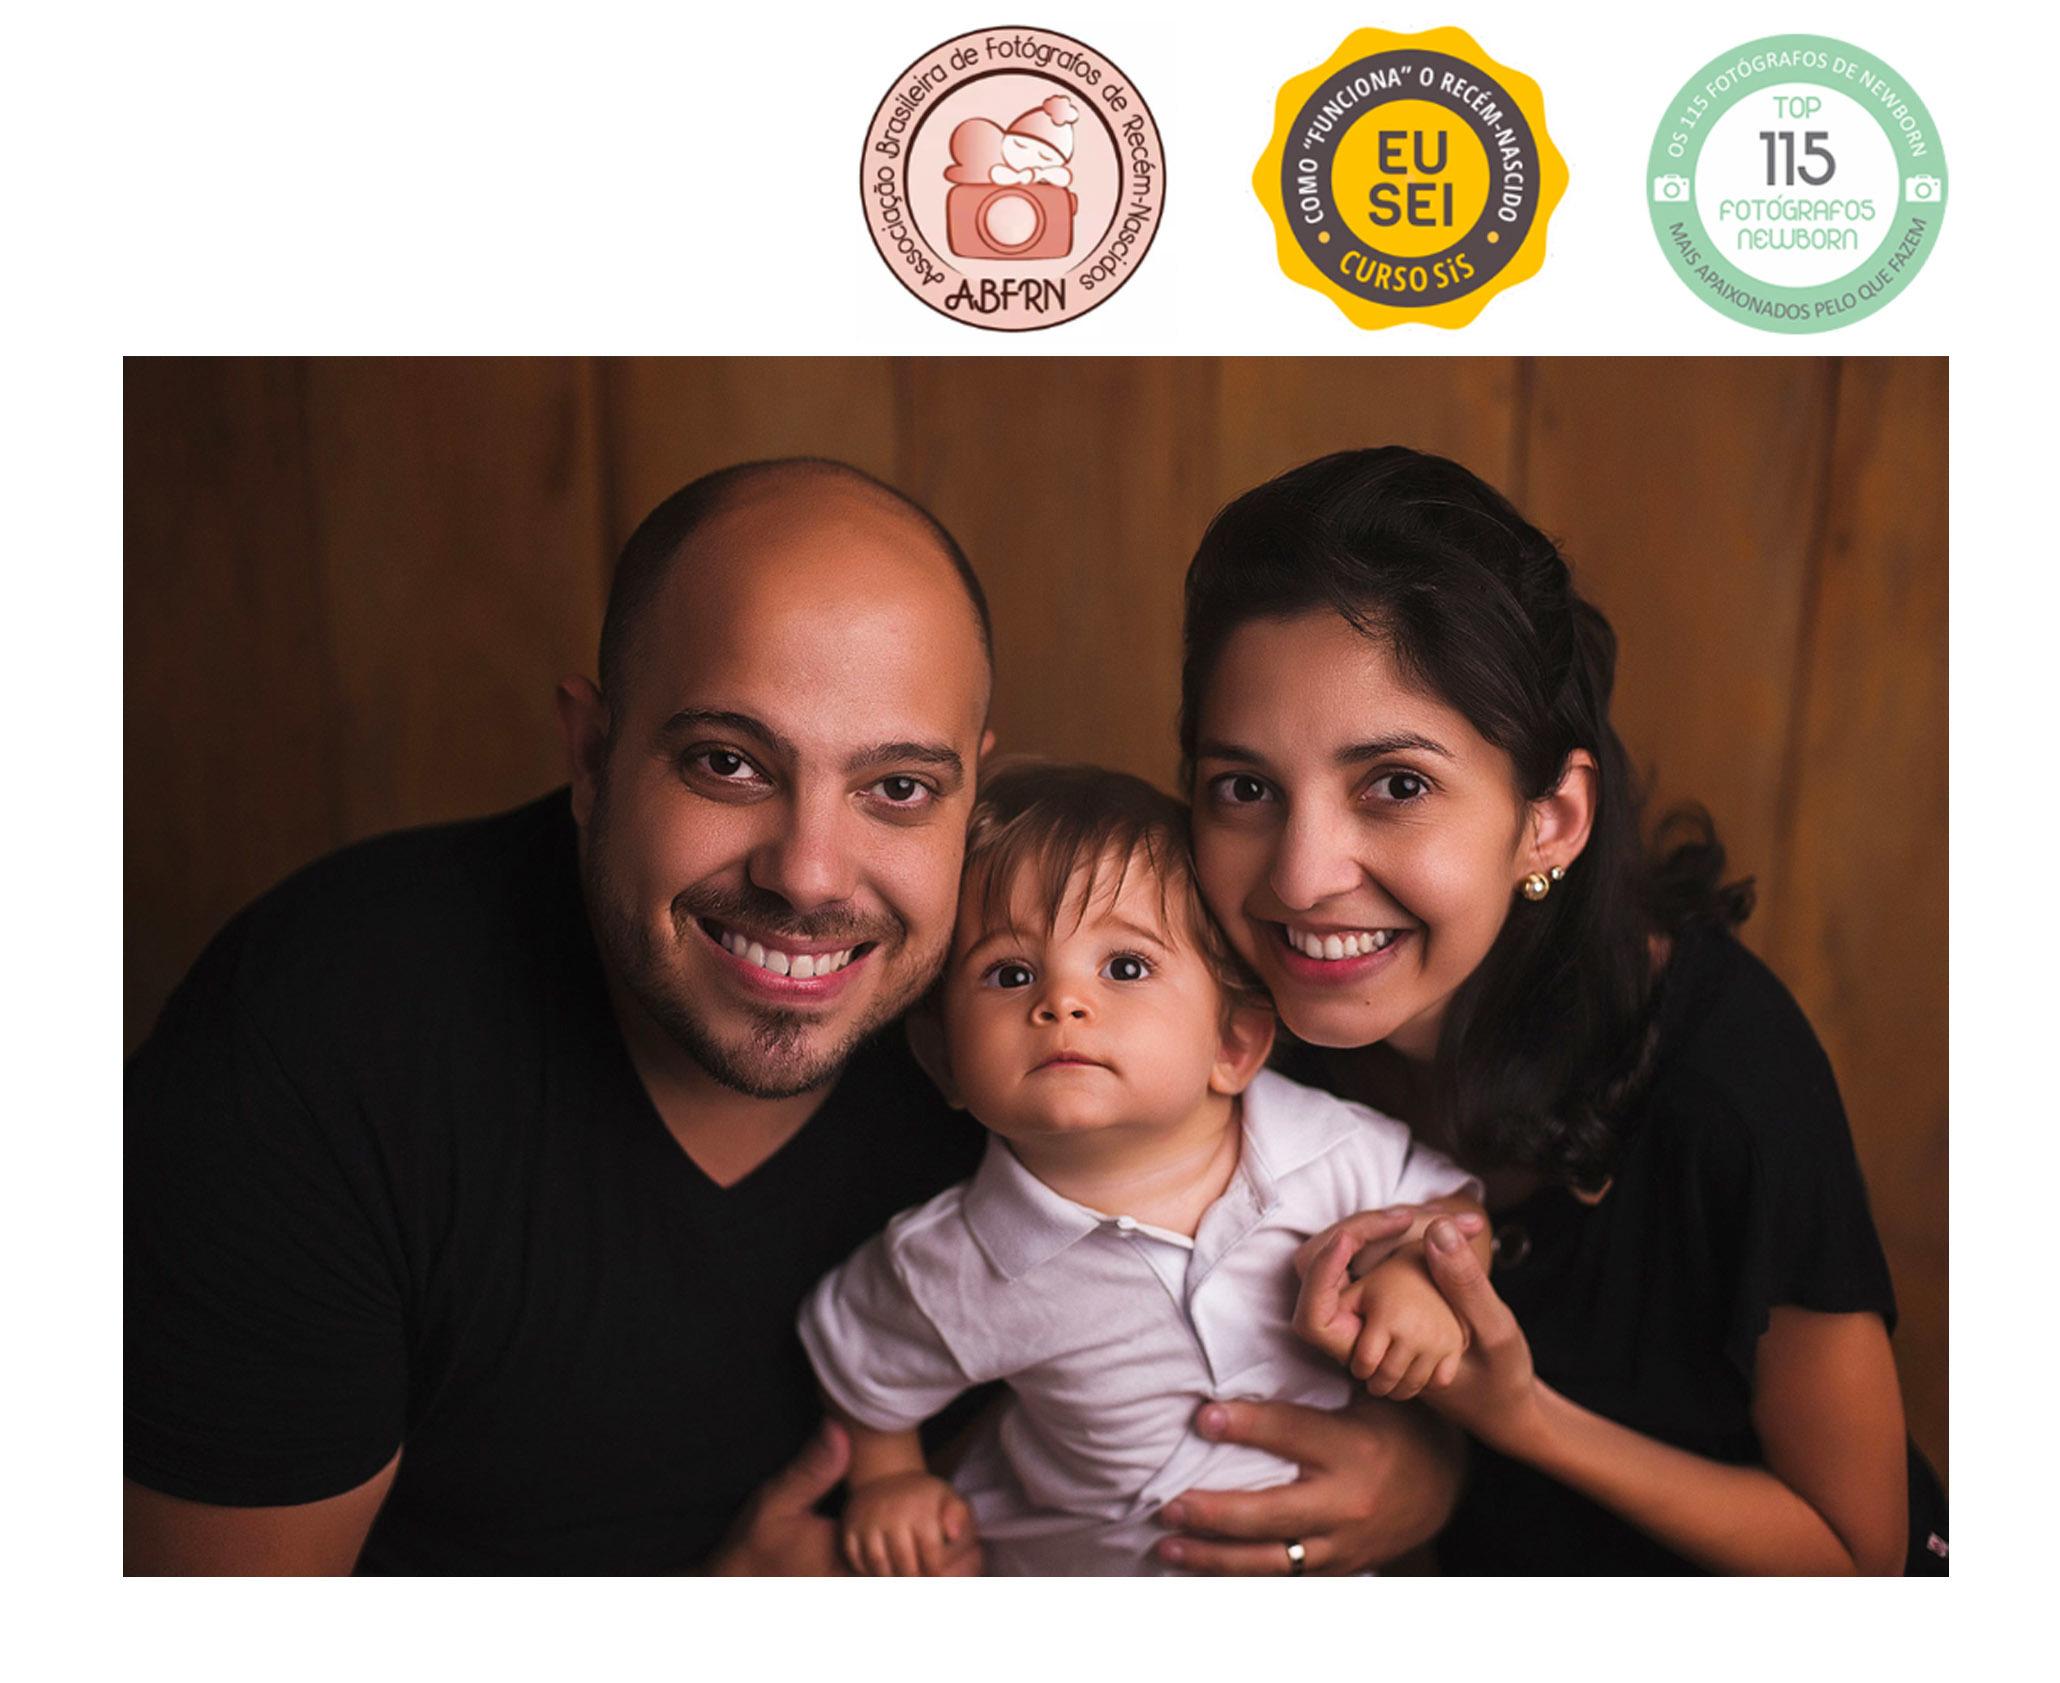 Sobre Fotógrafo Newborn, Gestante e Família - Leonardo Freire - Belém/Ananindeua - PA